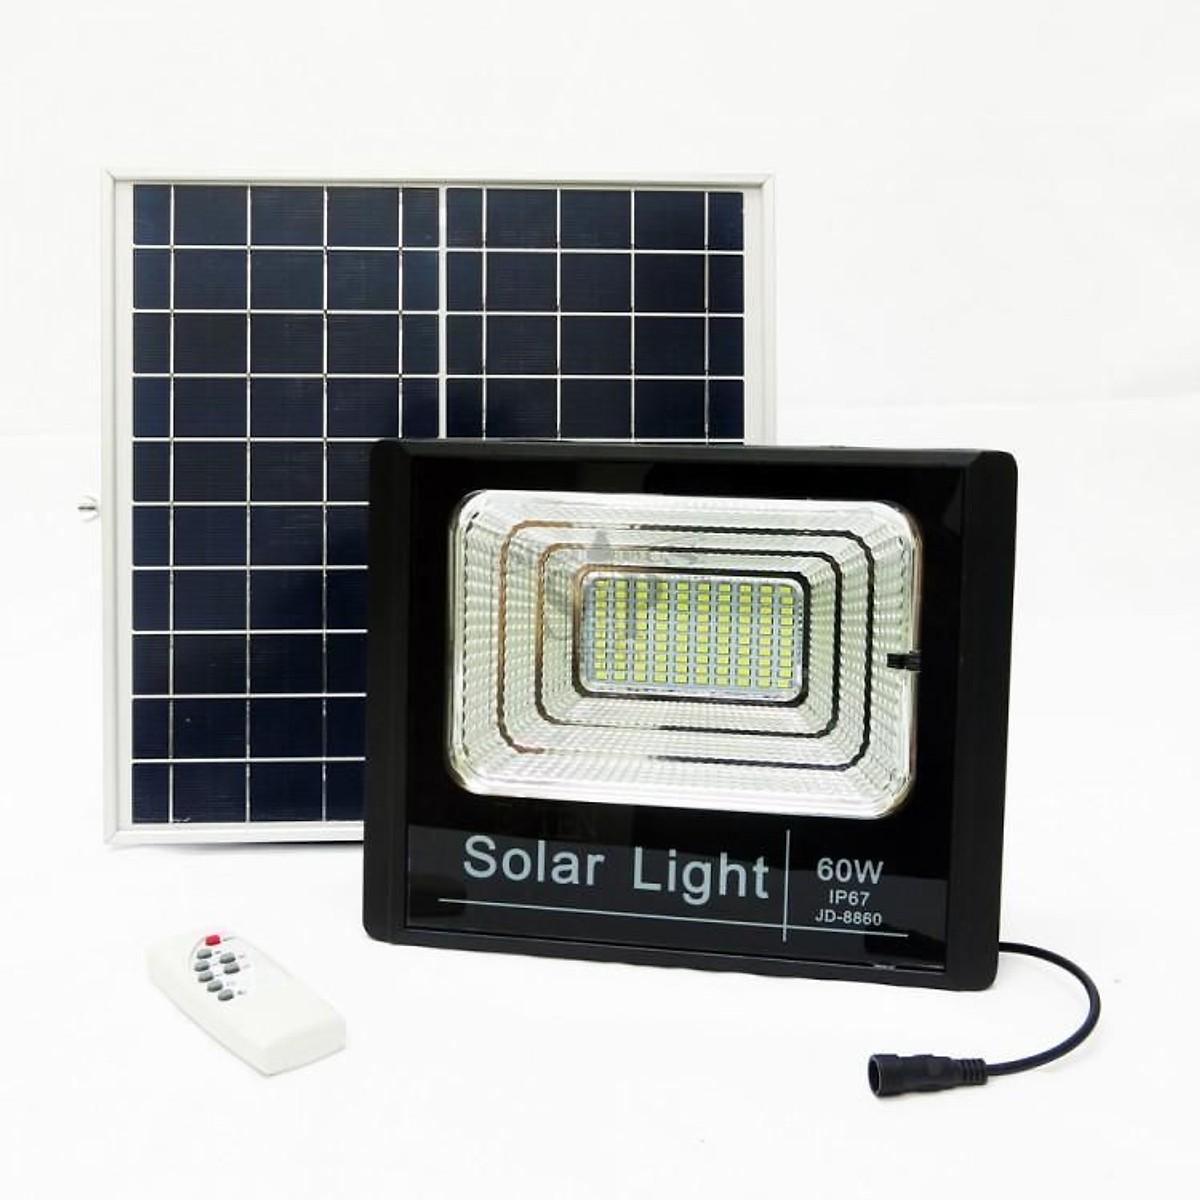 ĐÈN NGOÀI TRỜI, ĐÈN LED NĂNG LƯỢNG MẶT TRỜI SOLAR LIGHT 60W- JD8860